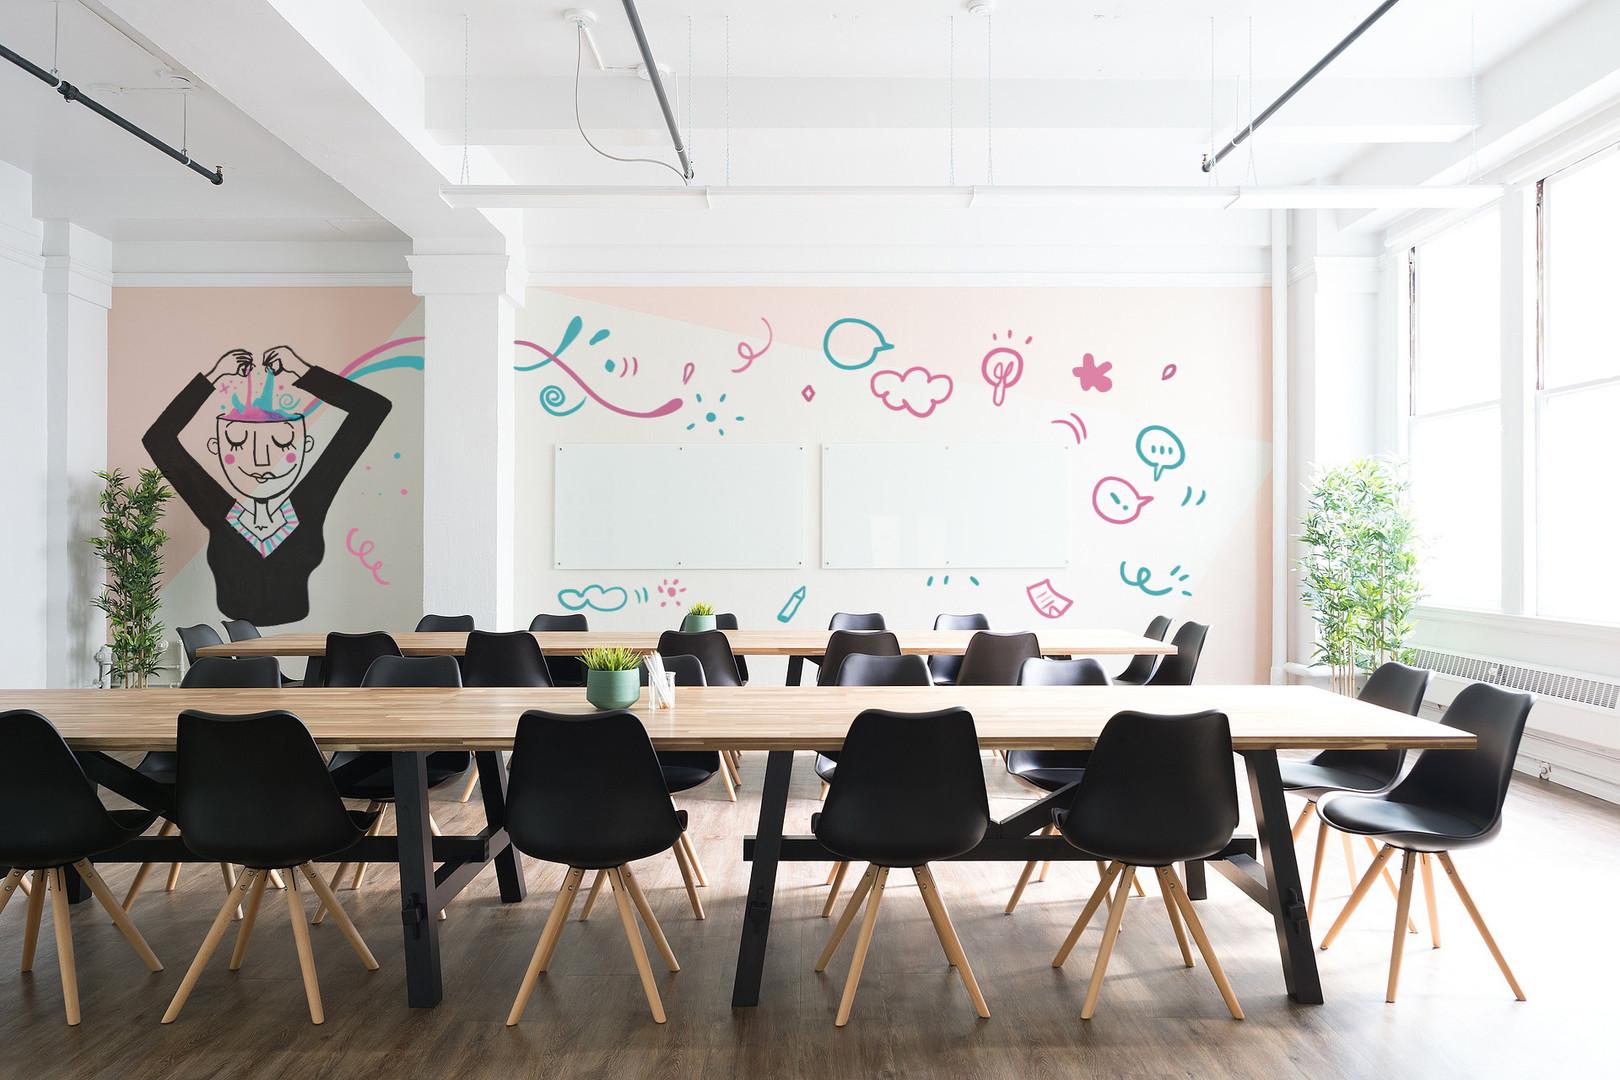 Les idées qui crépitent - Mural